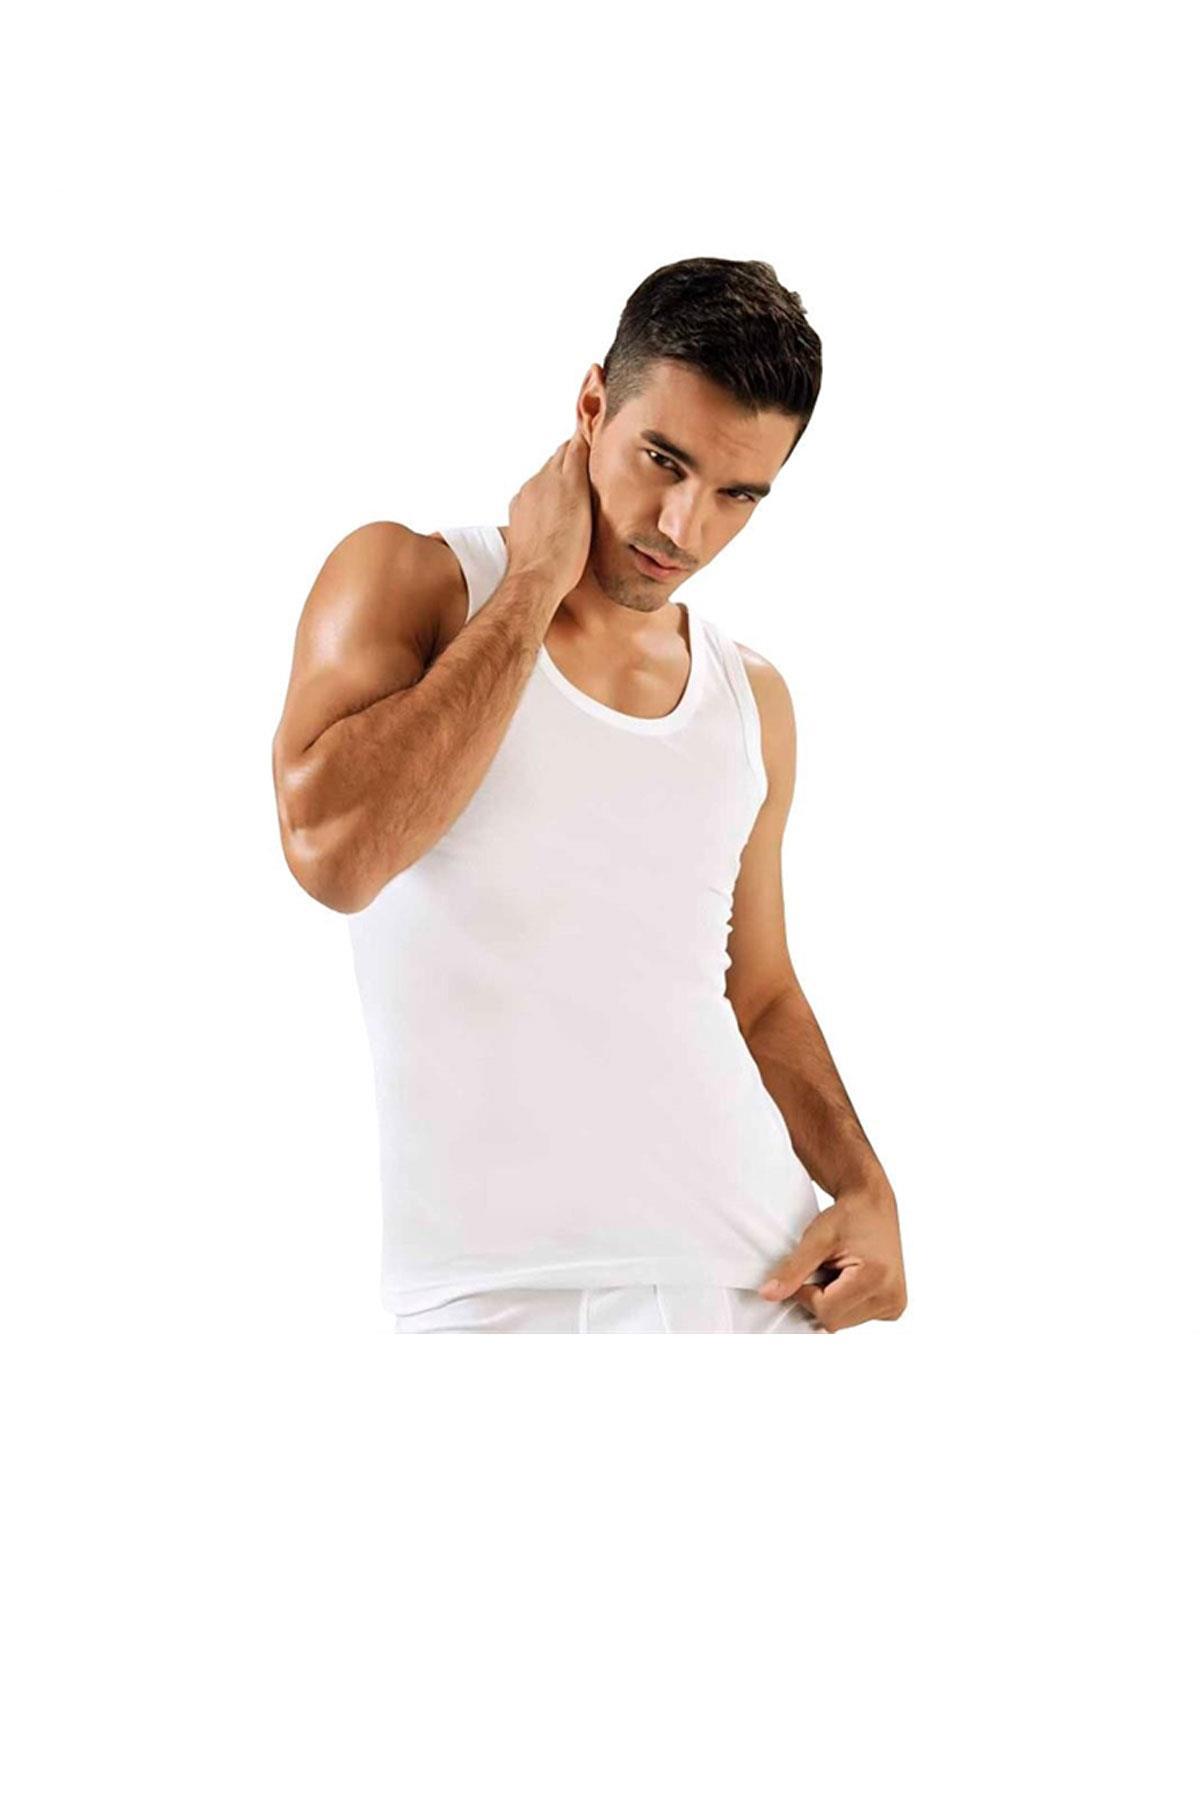 Tutku İç Giyim Erkek Pamuk Klasik Askılı Penye Atlet 6 Lı Paket